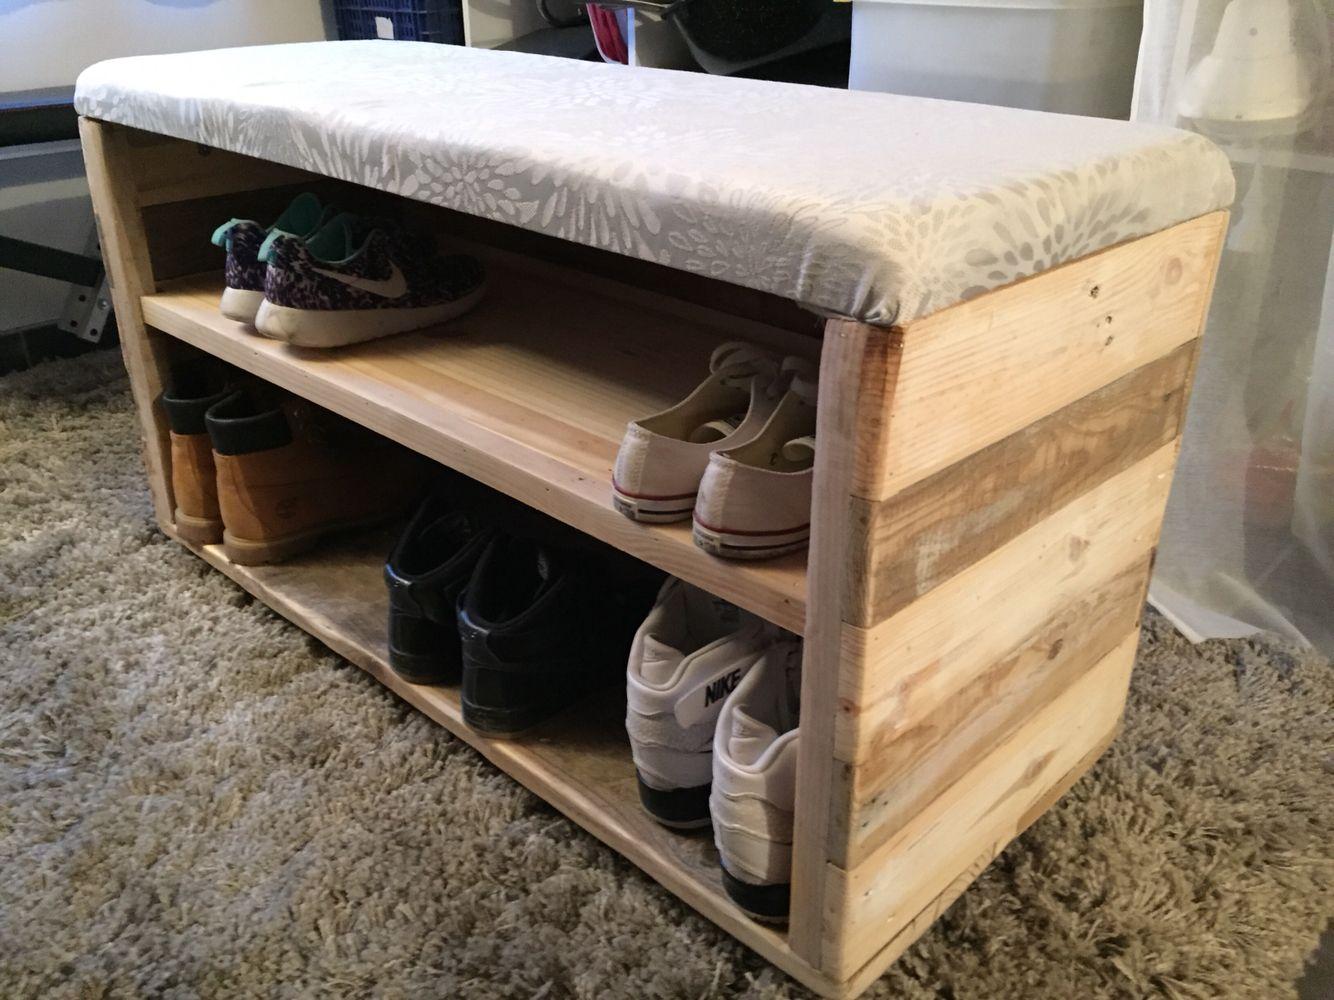 Faire Un Meuble A Chaussure En Palette diy meuble palette | diy créer une table en palette de bois